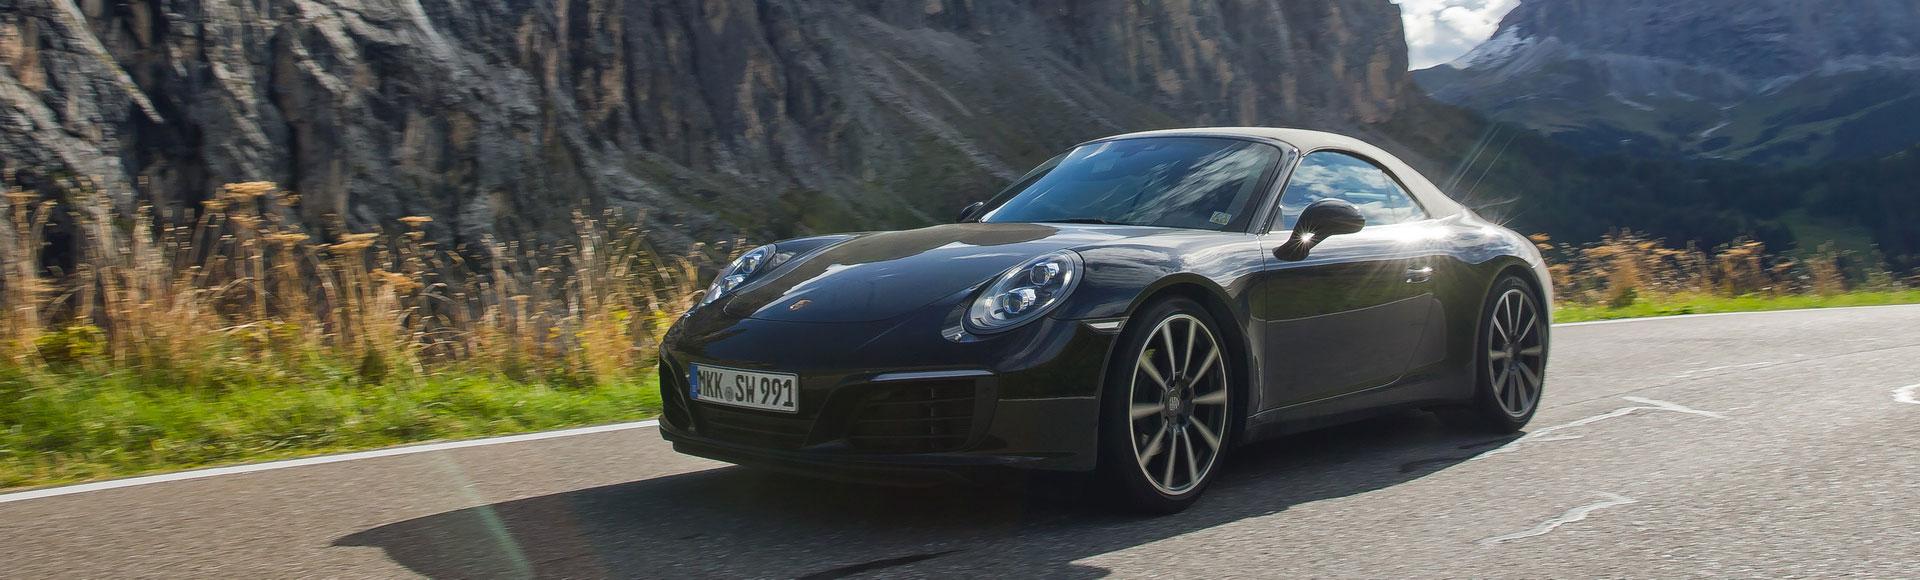 Porsche 911 991 Cabrio 2016 0223 Sommer